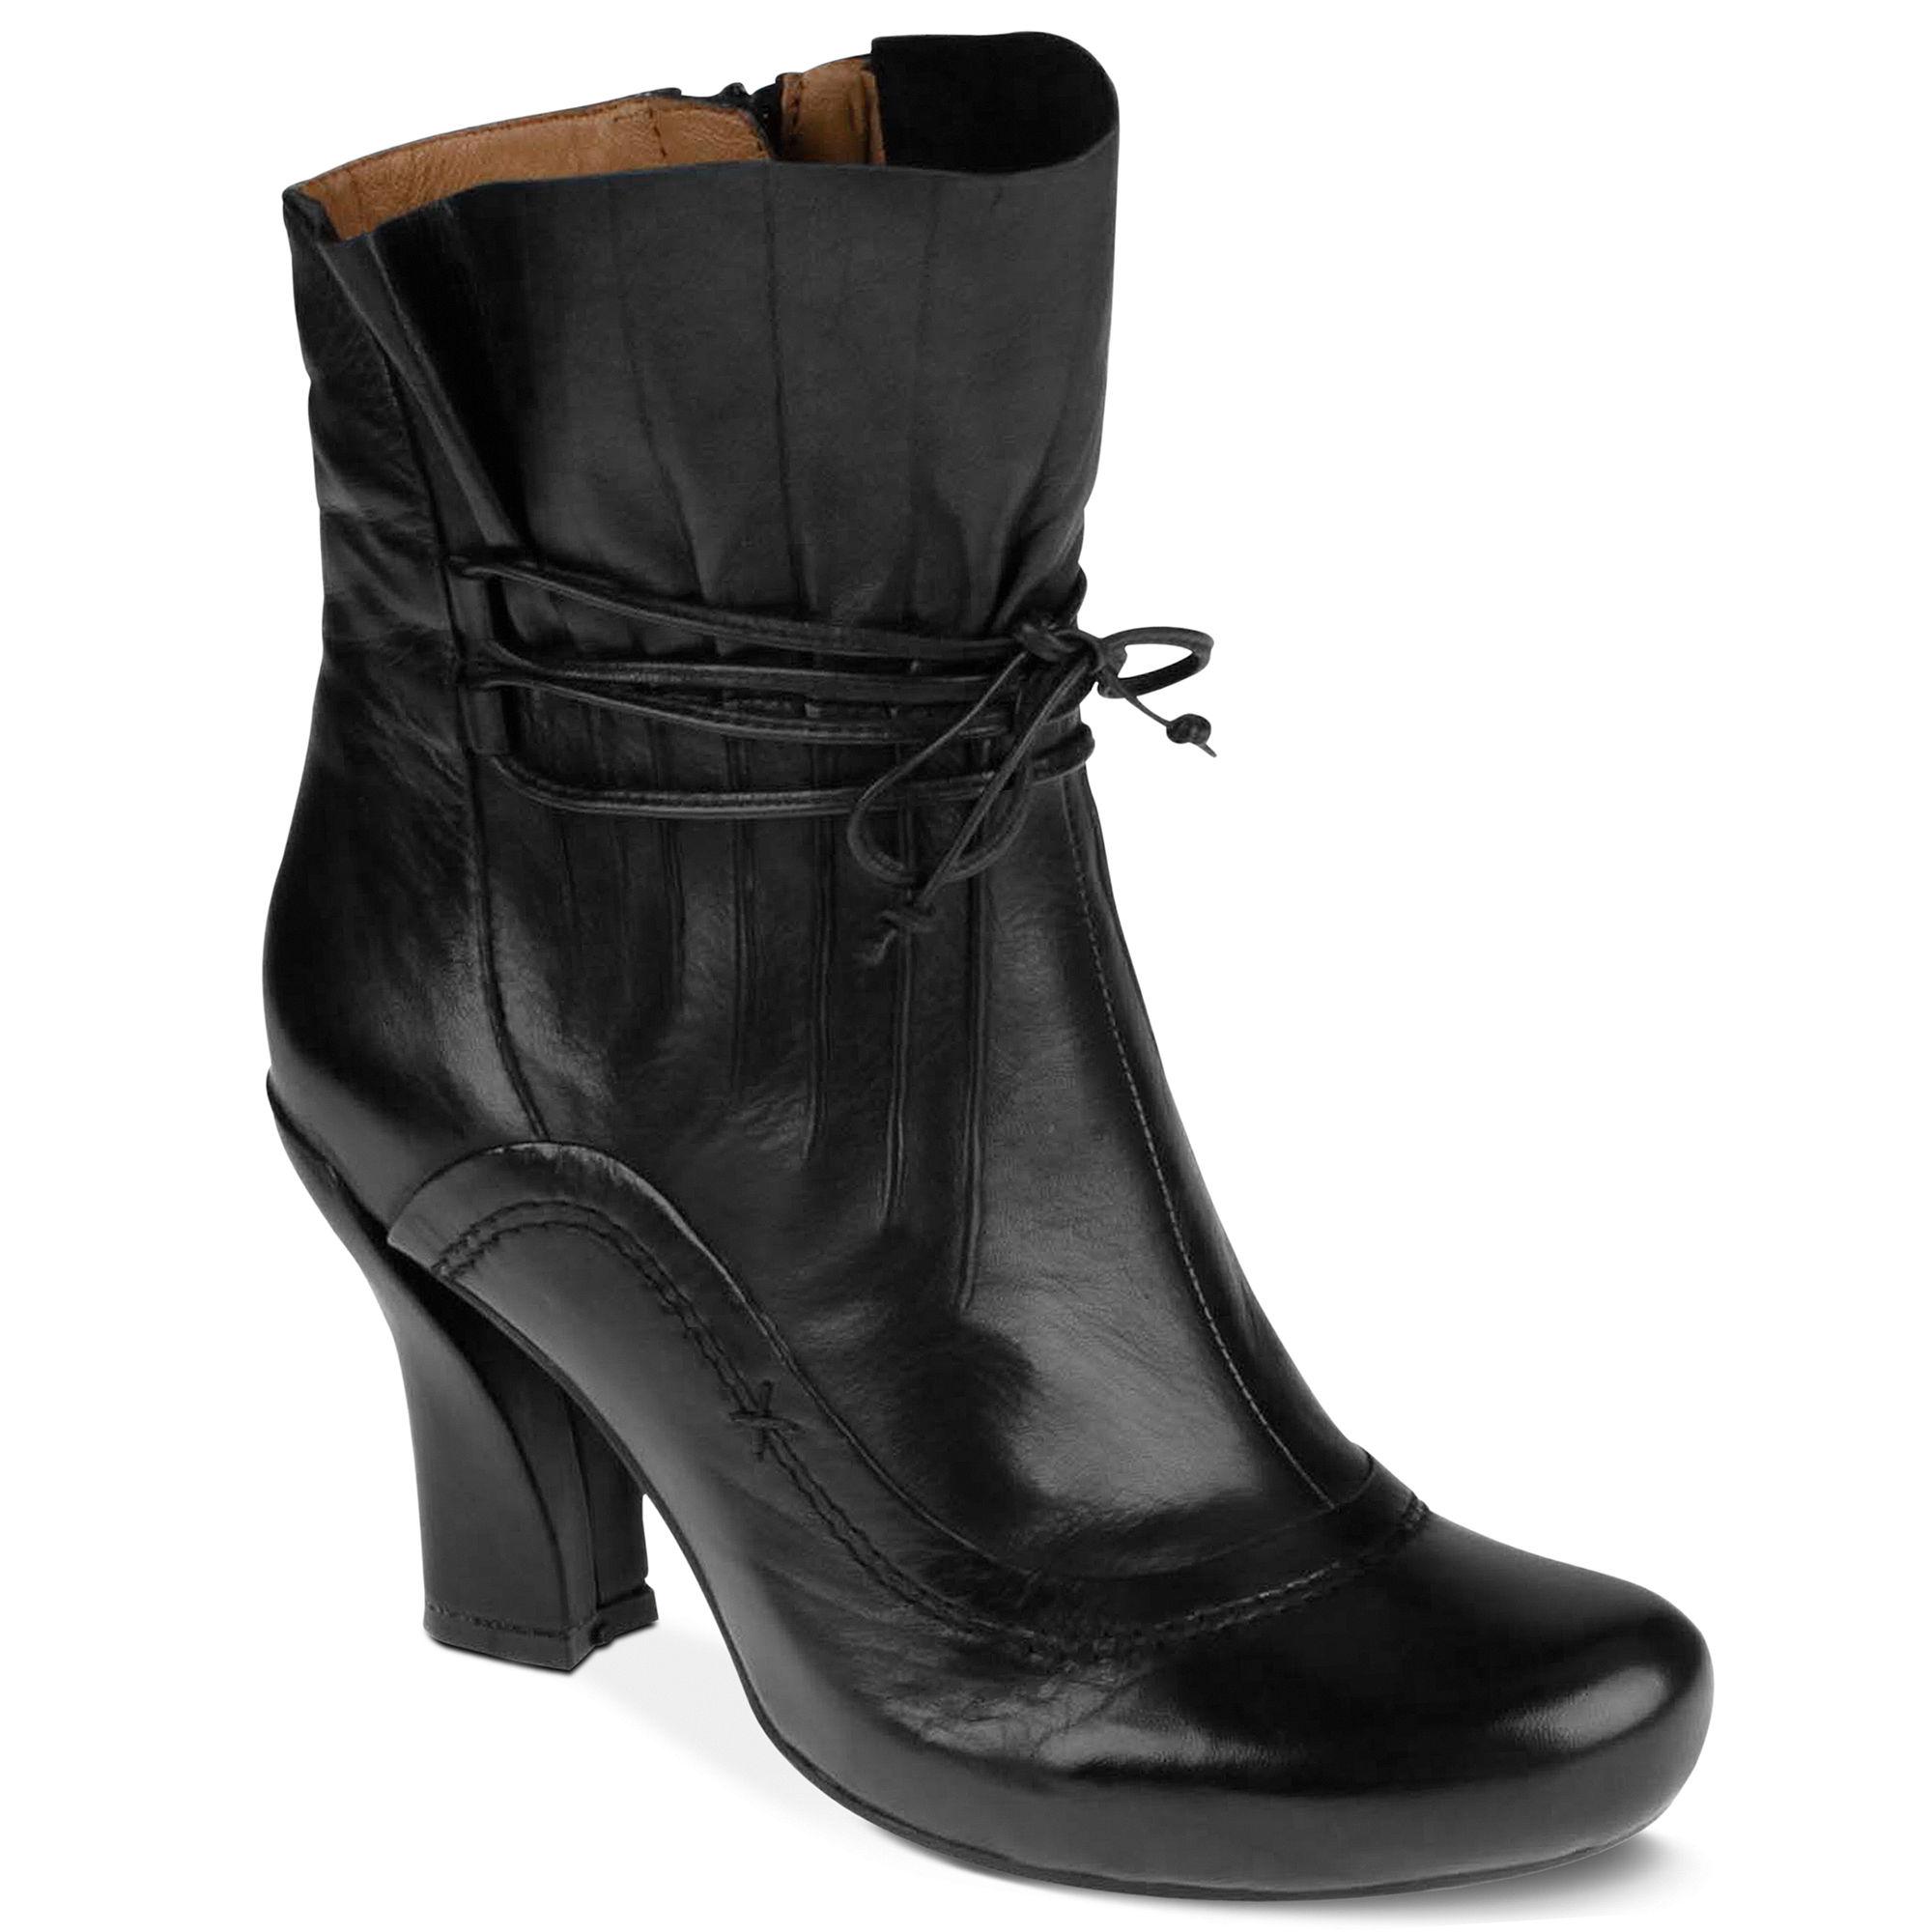 Earthies Shoes Uk